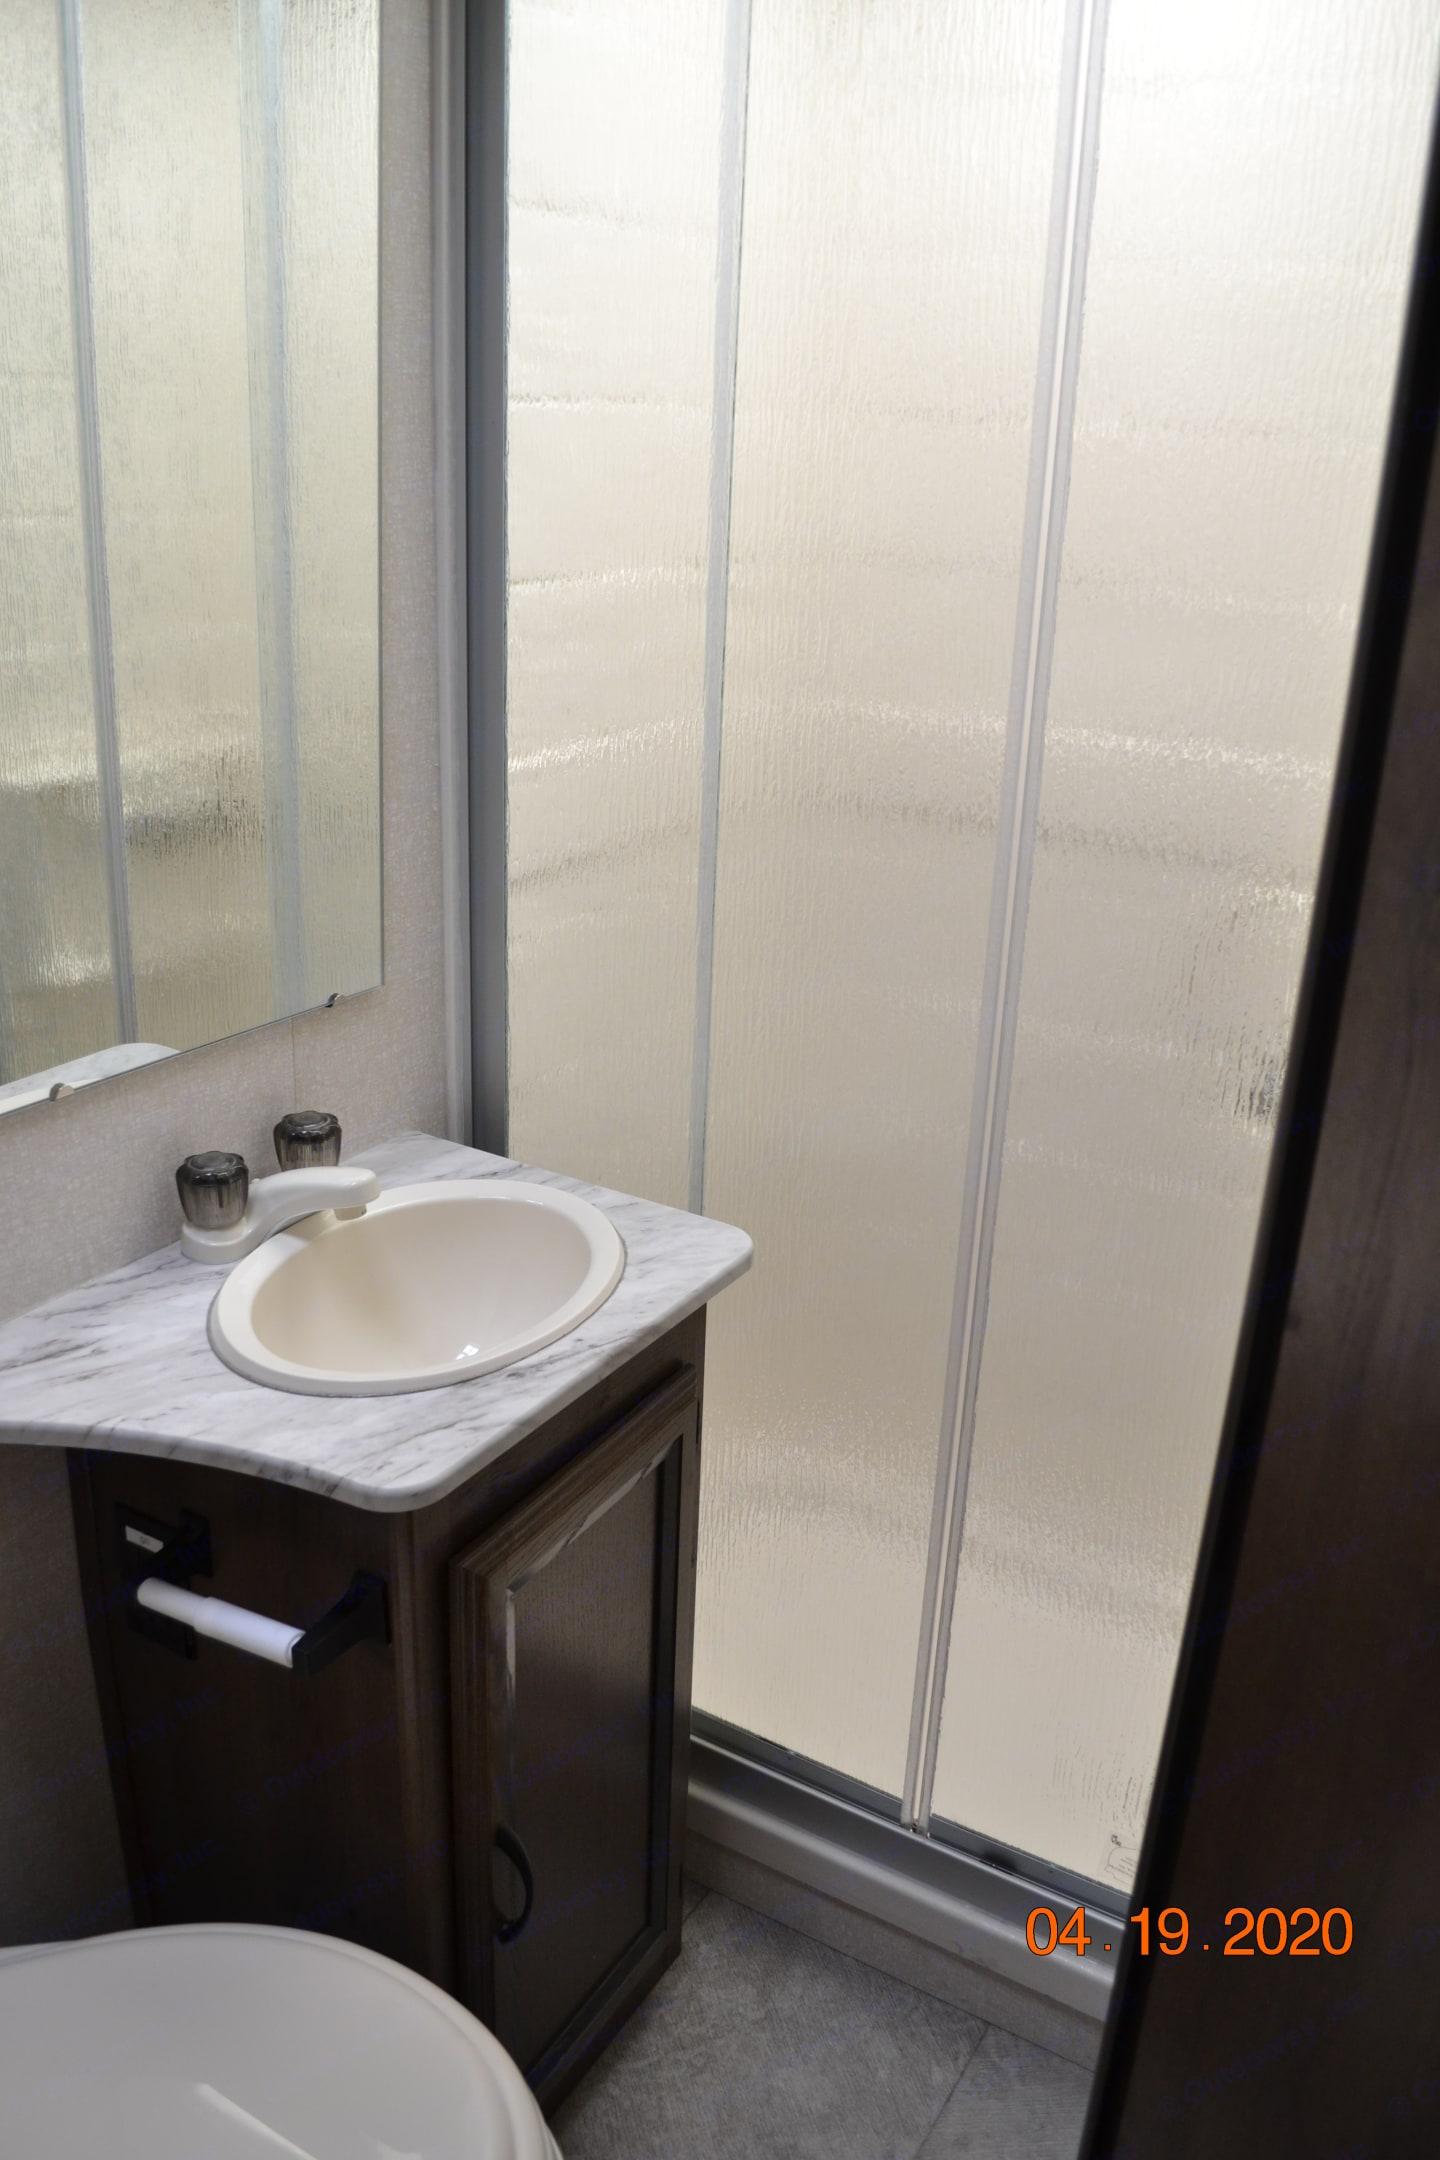 Bathroom with full shower. Coachmen Freelander 2019